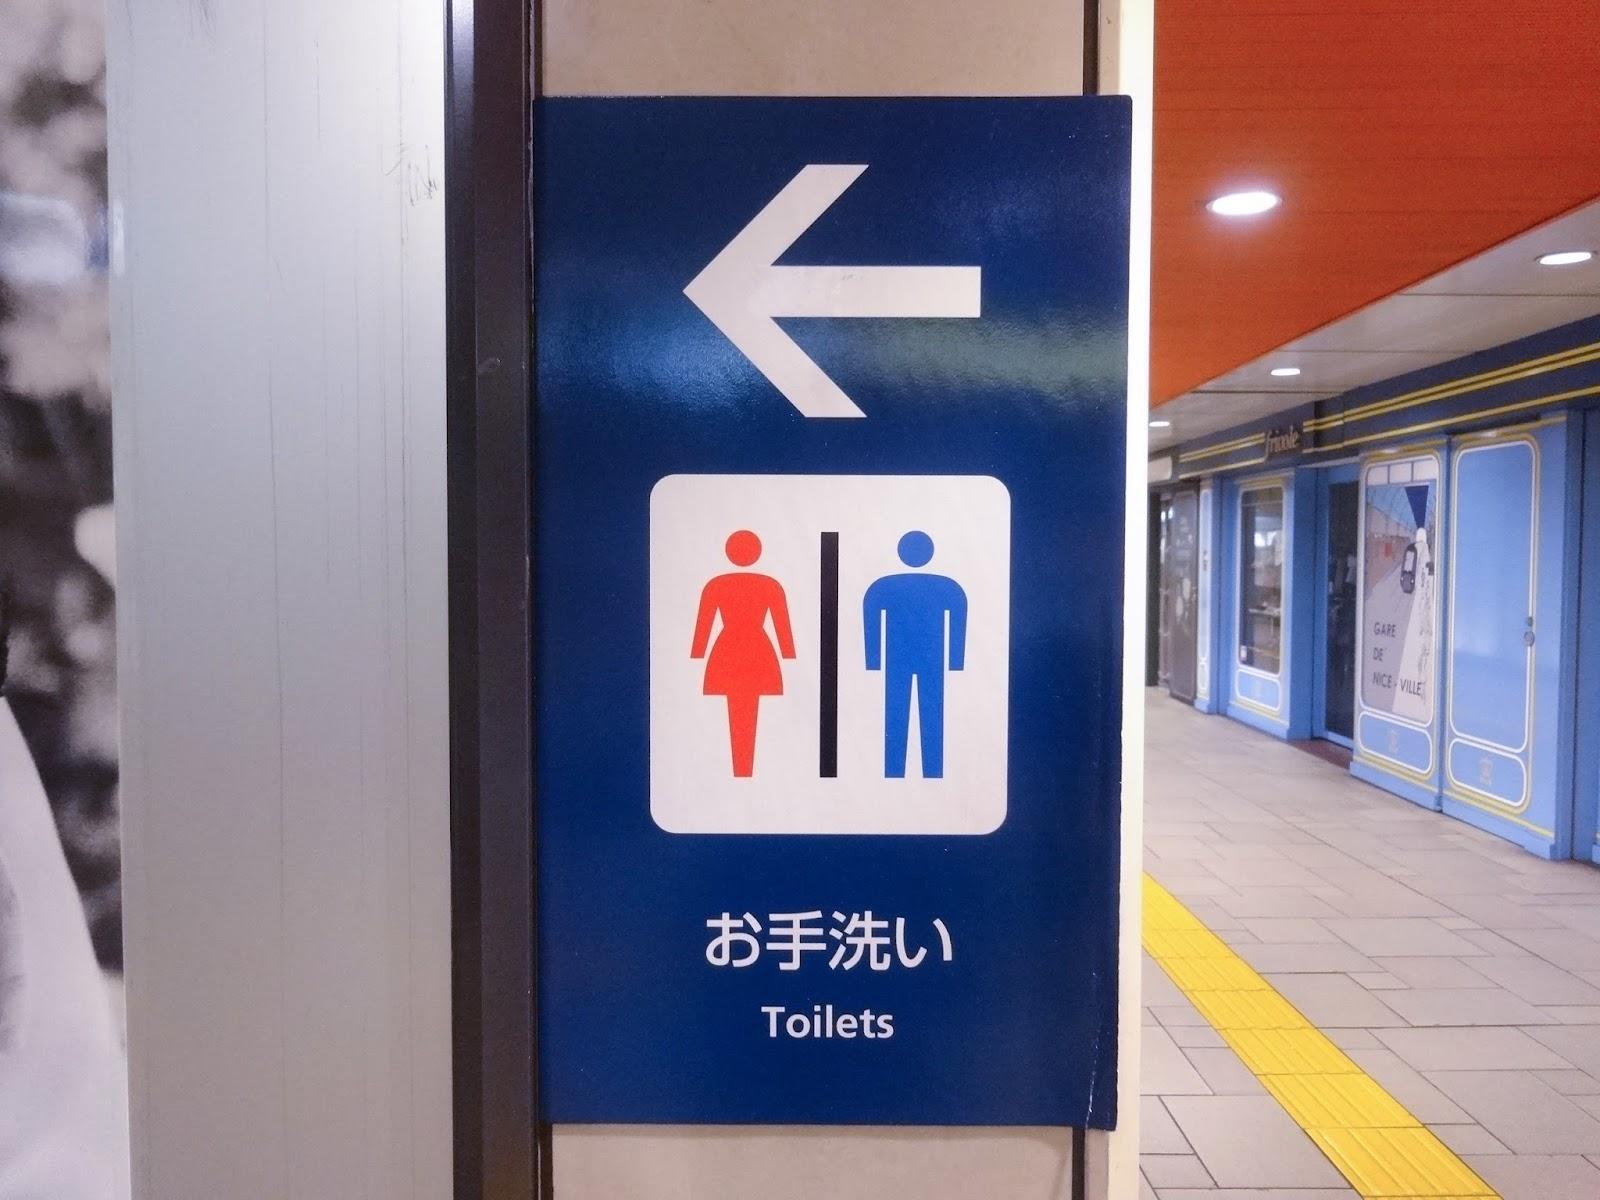 トイレ標識,便所看板,公衆トイレ〈著作権フリー無料画像〉Free Stock Photos